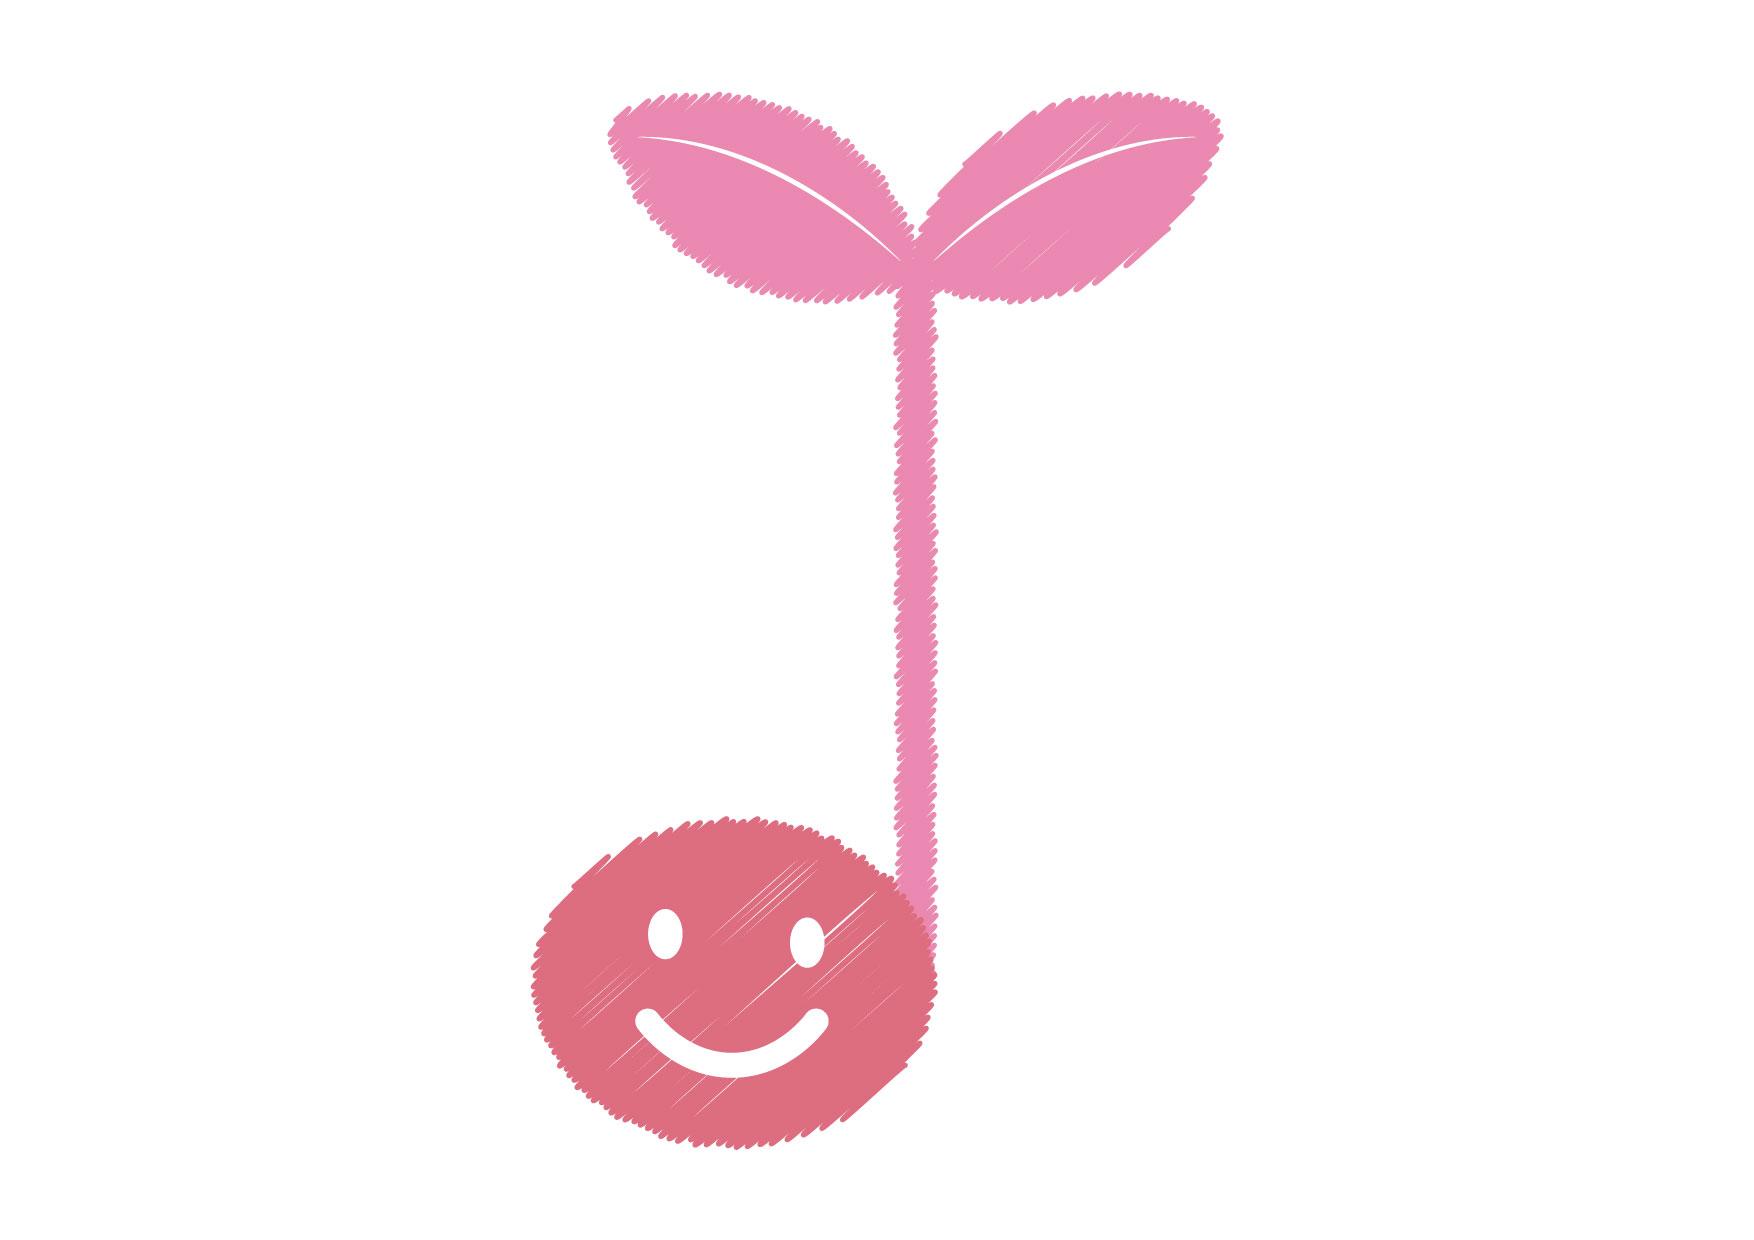 可愛いイラスト無料|音符 若葉 ピンク − free illustration Musical note germination pink